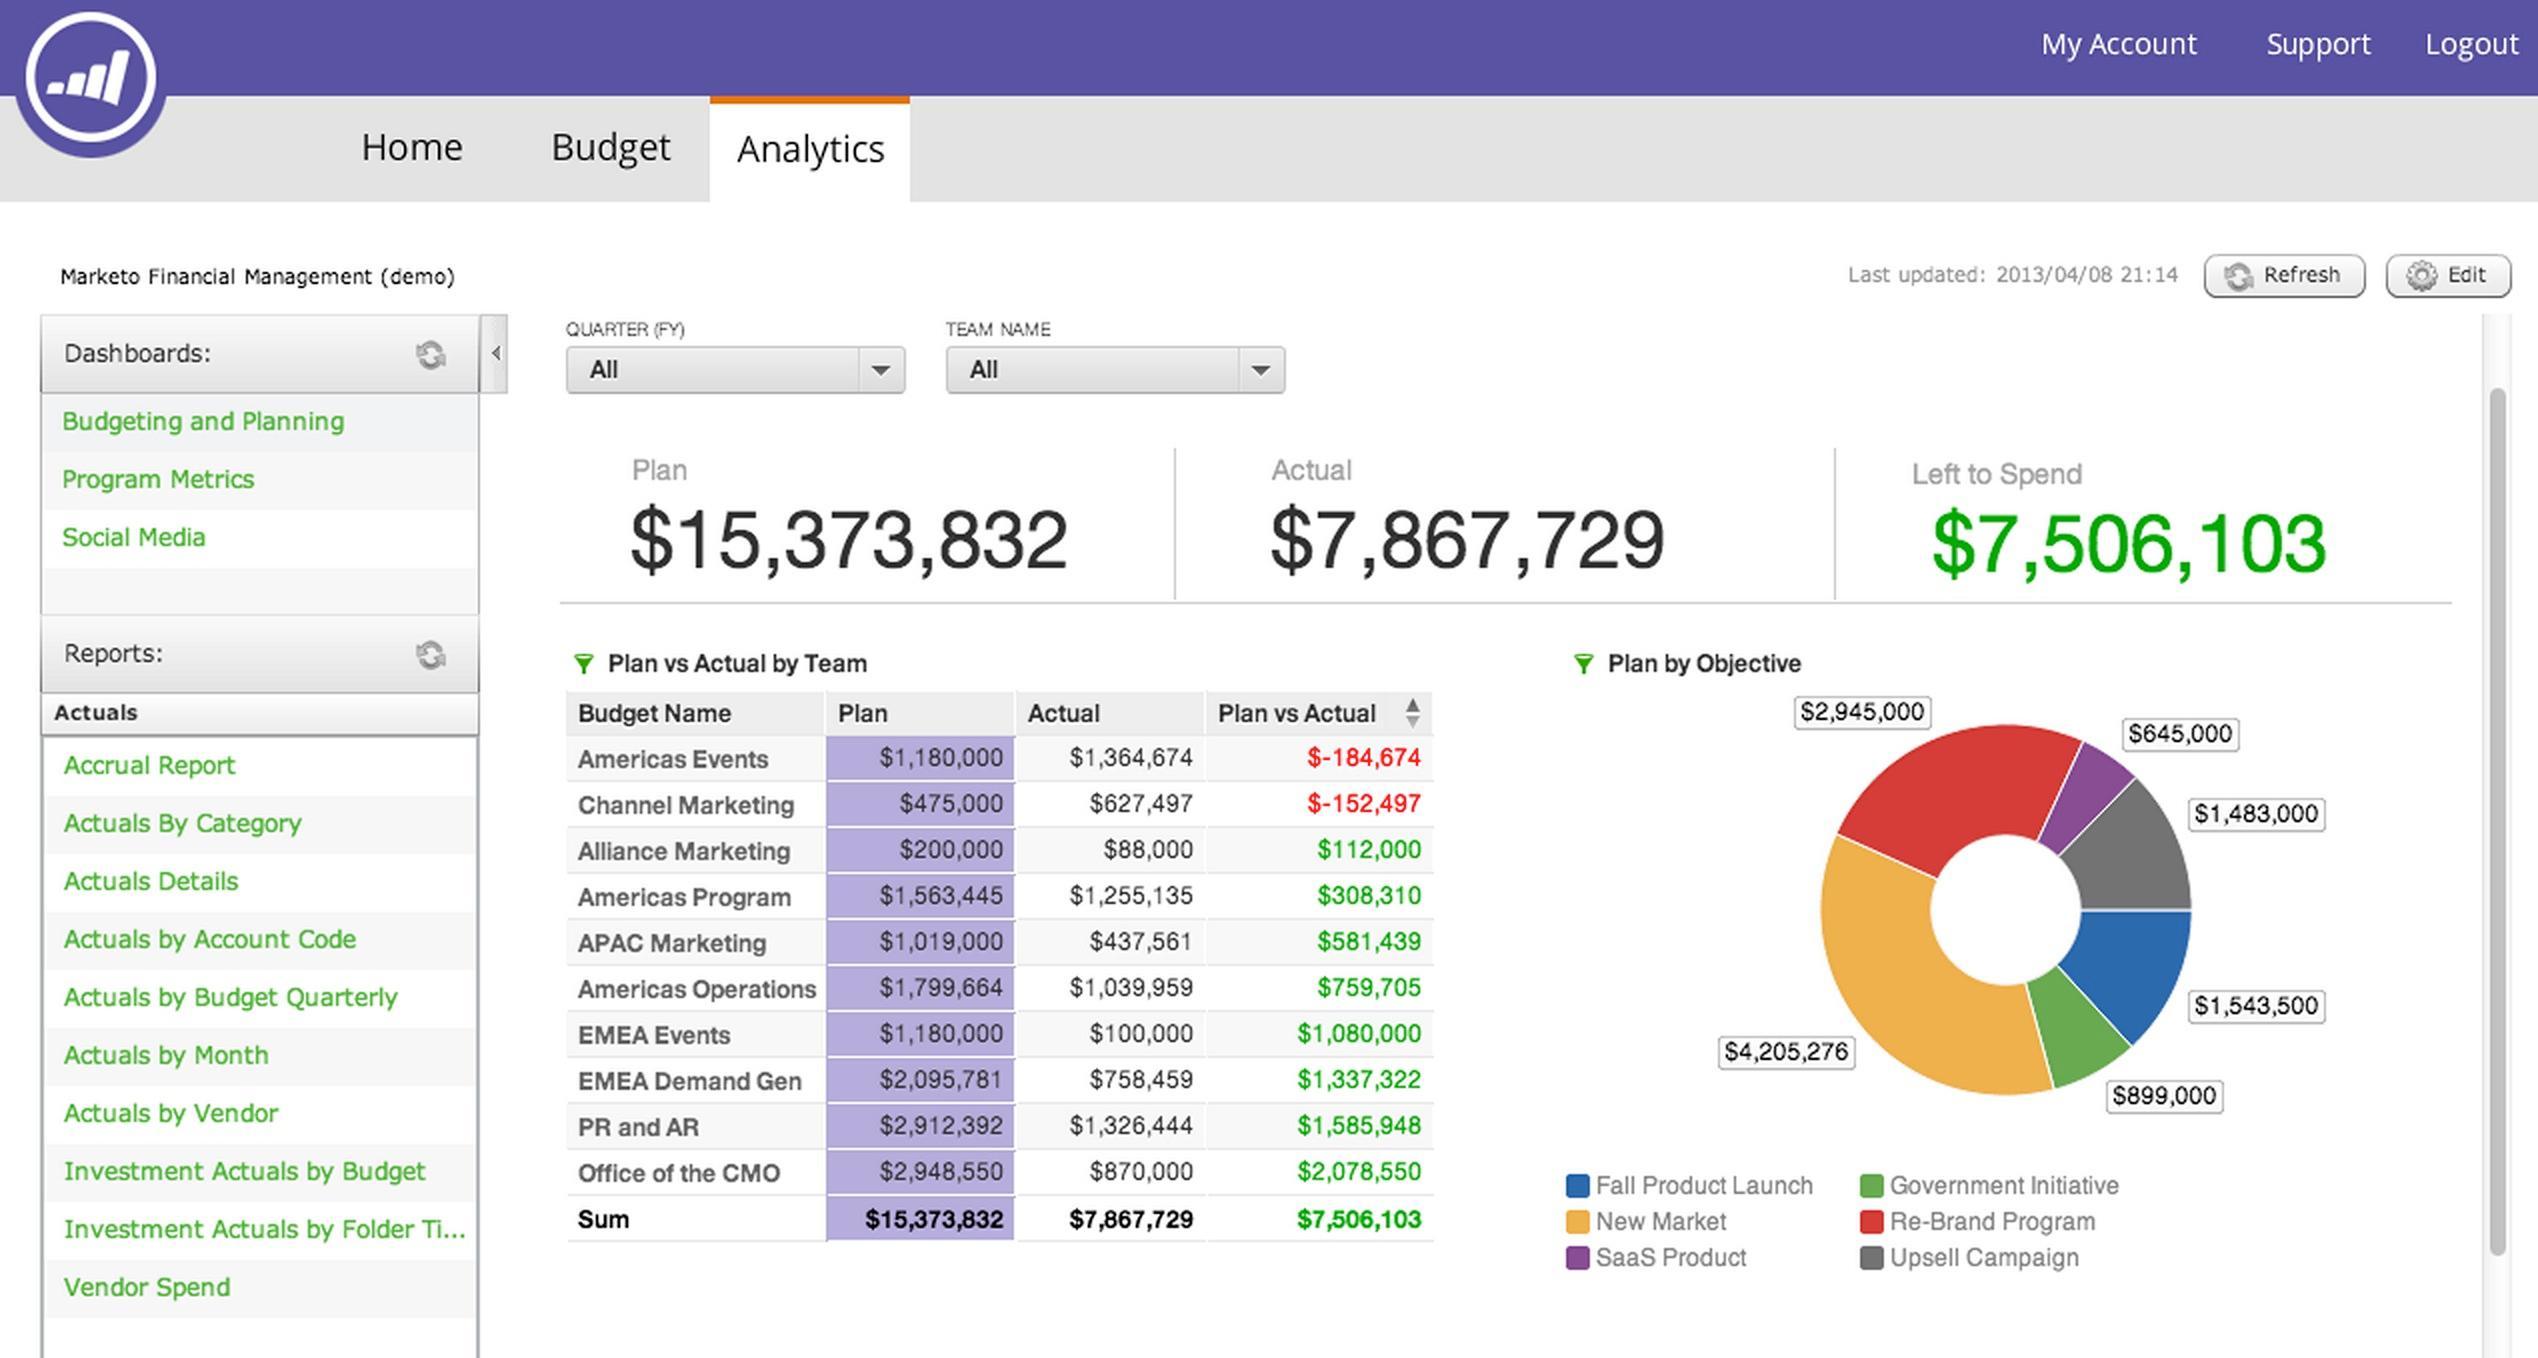 Avis Marketo : La solution de Marketing Cloud appréciées des PME - Appvizer